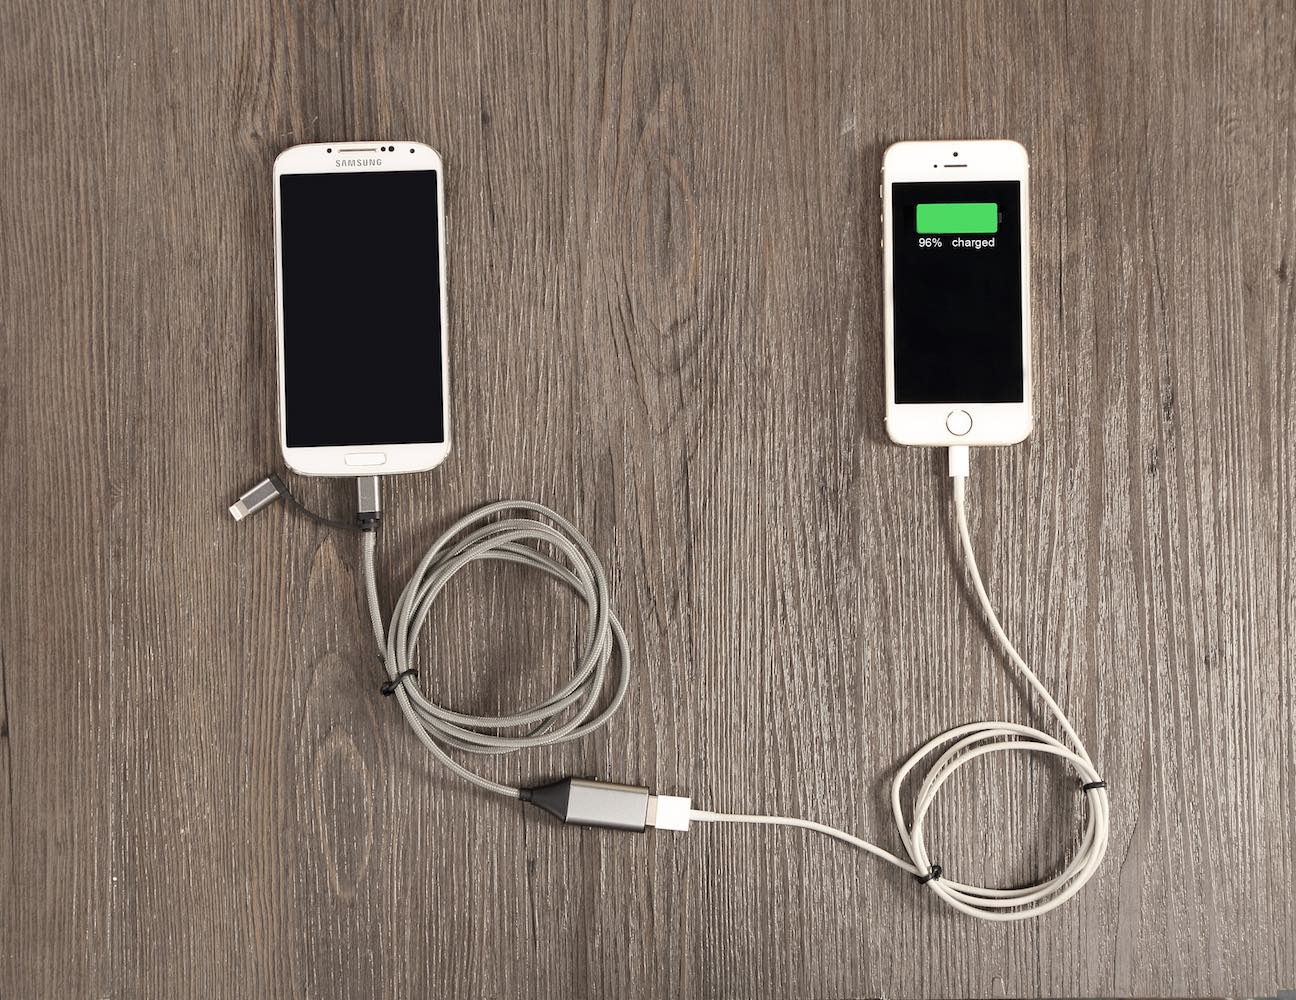 havit-smart-cable-04